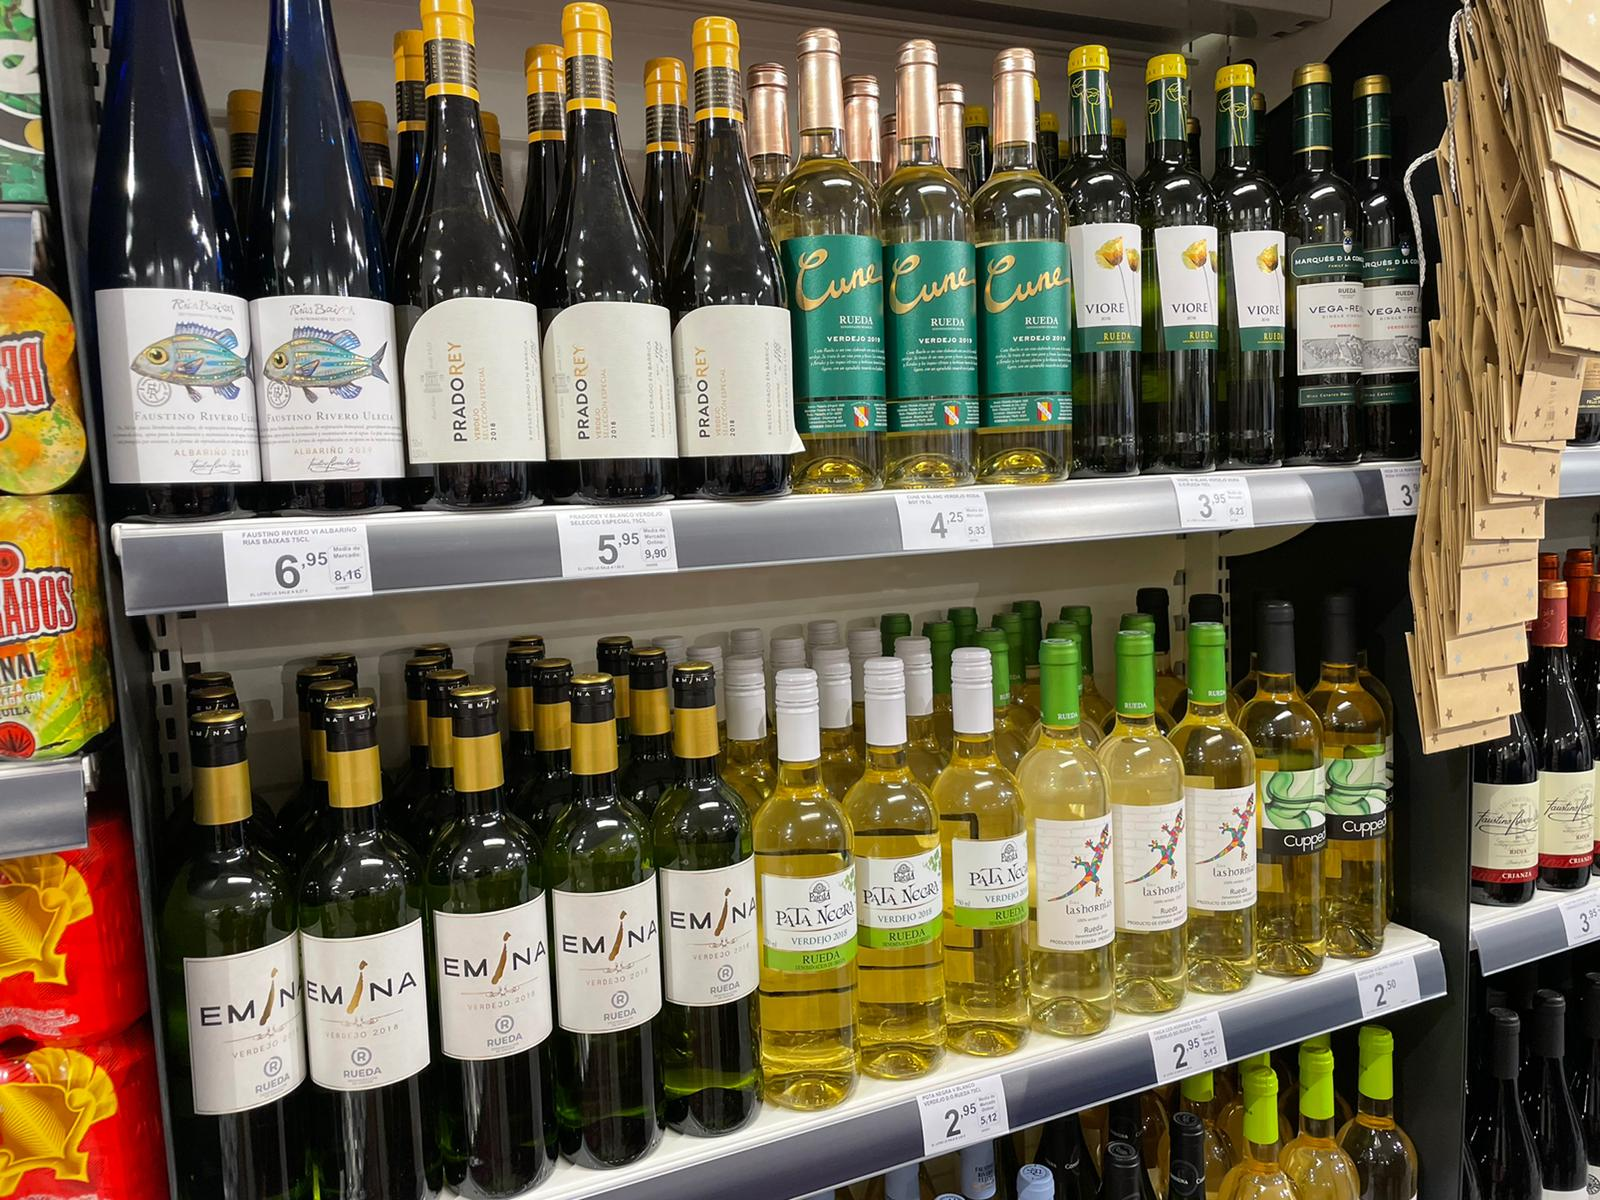 Vins blancs que es poden trobar a Primaprix, la majoria de la D.O Rueda | Nerea Rodríguez